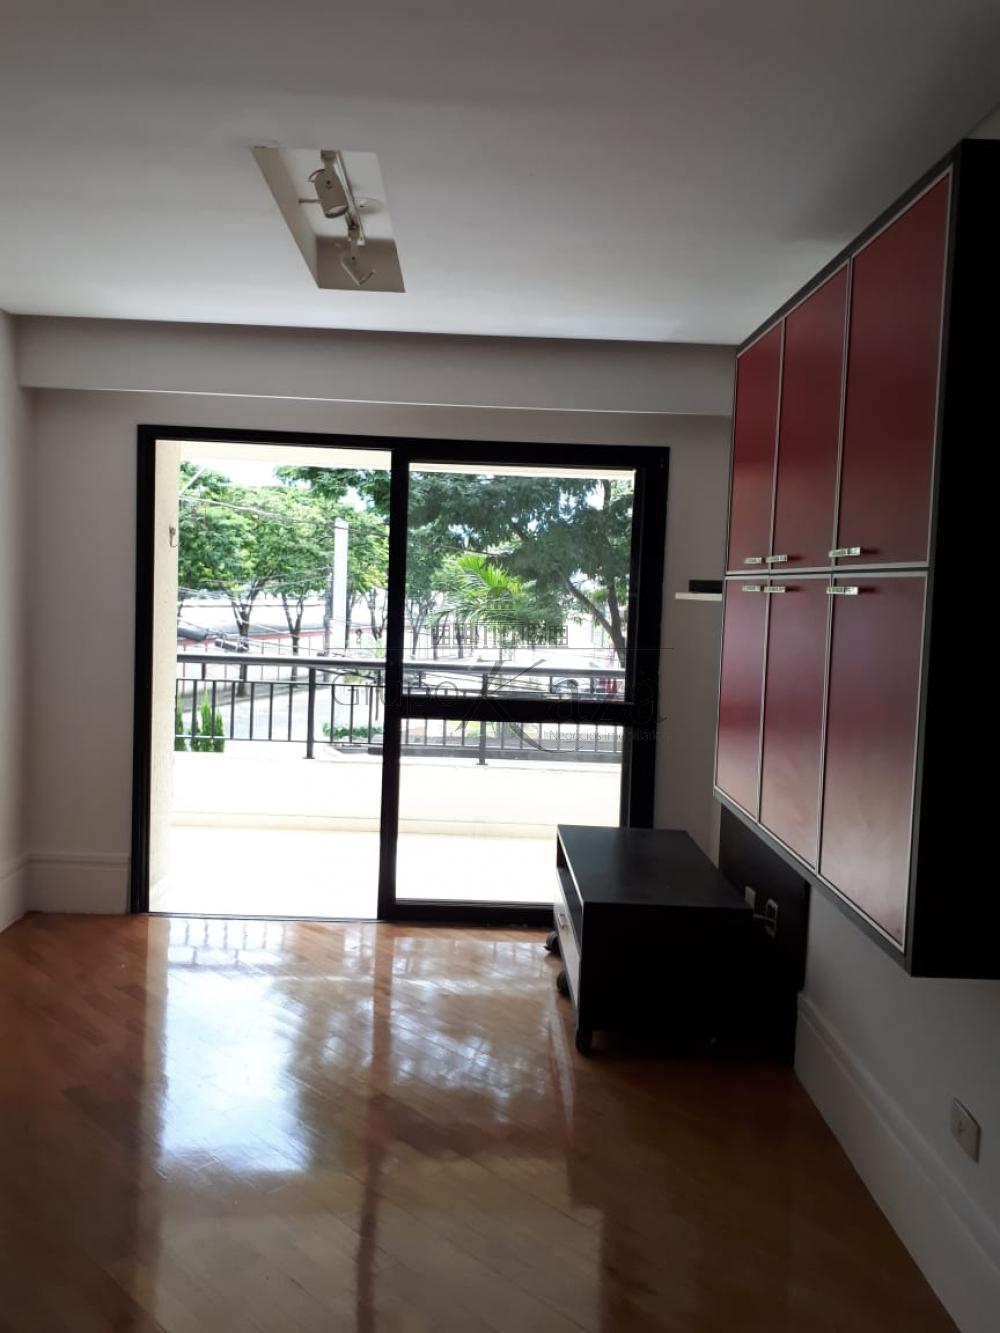 Alugar Apartamento / Padrão em São José dos Campos R$ 2.650,00 - Foto 1